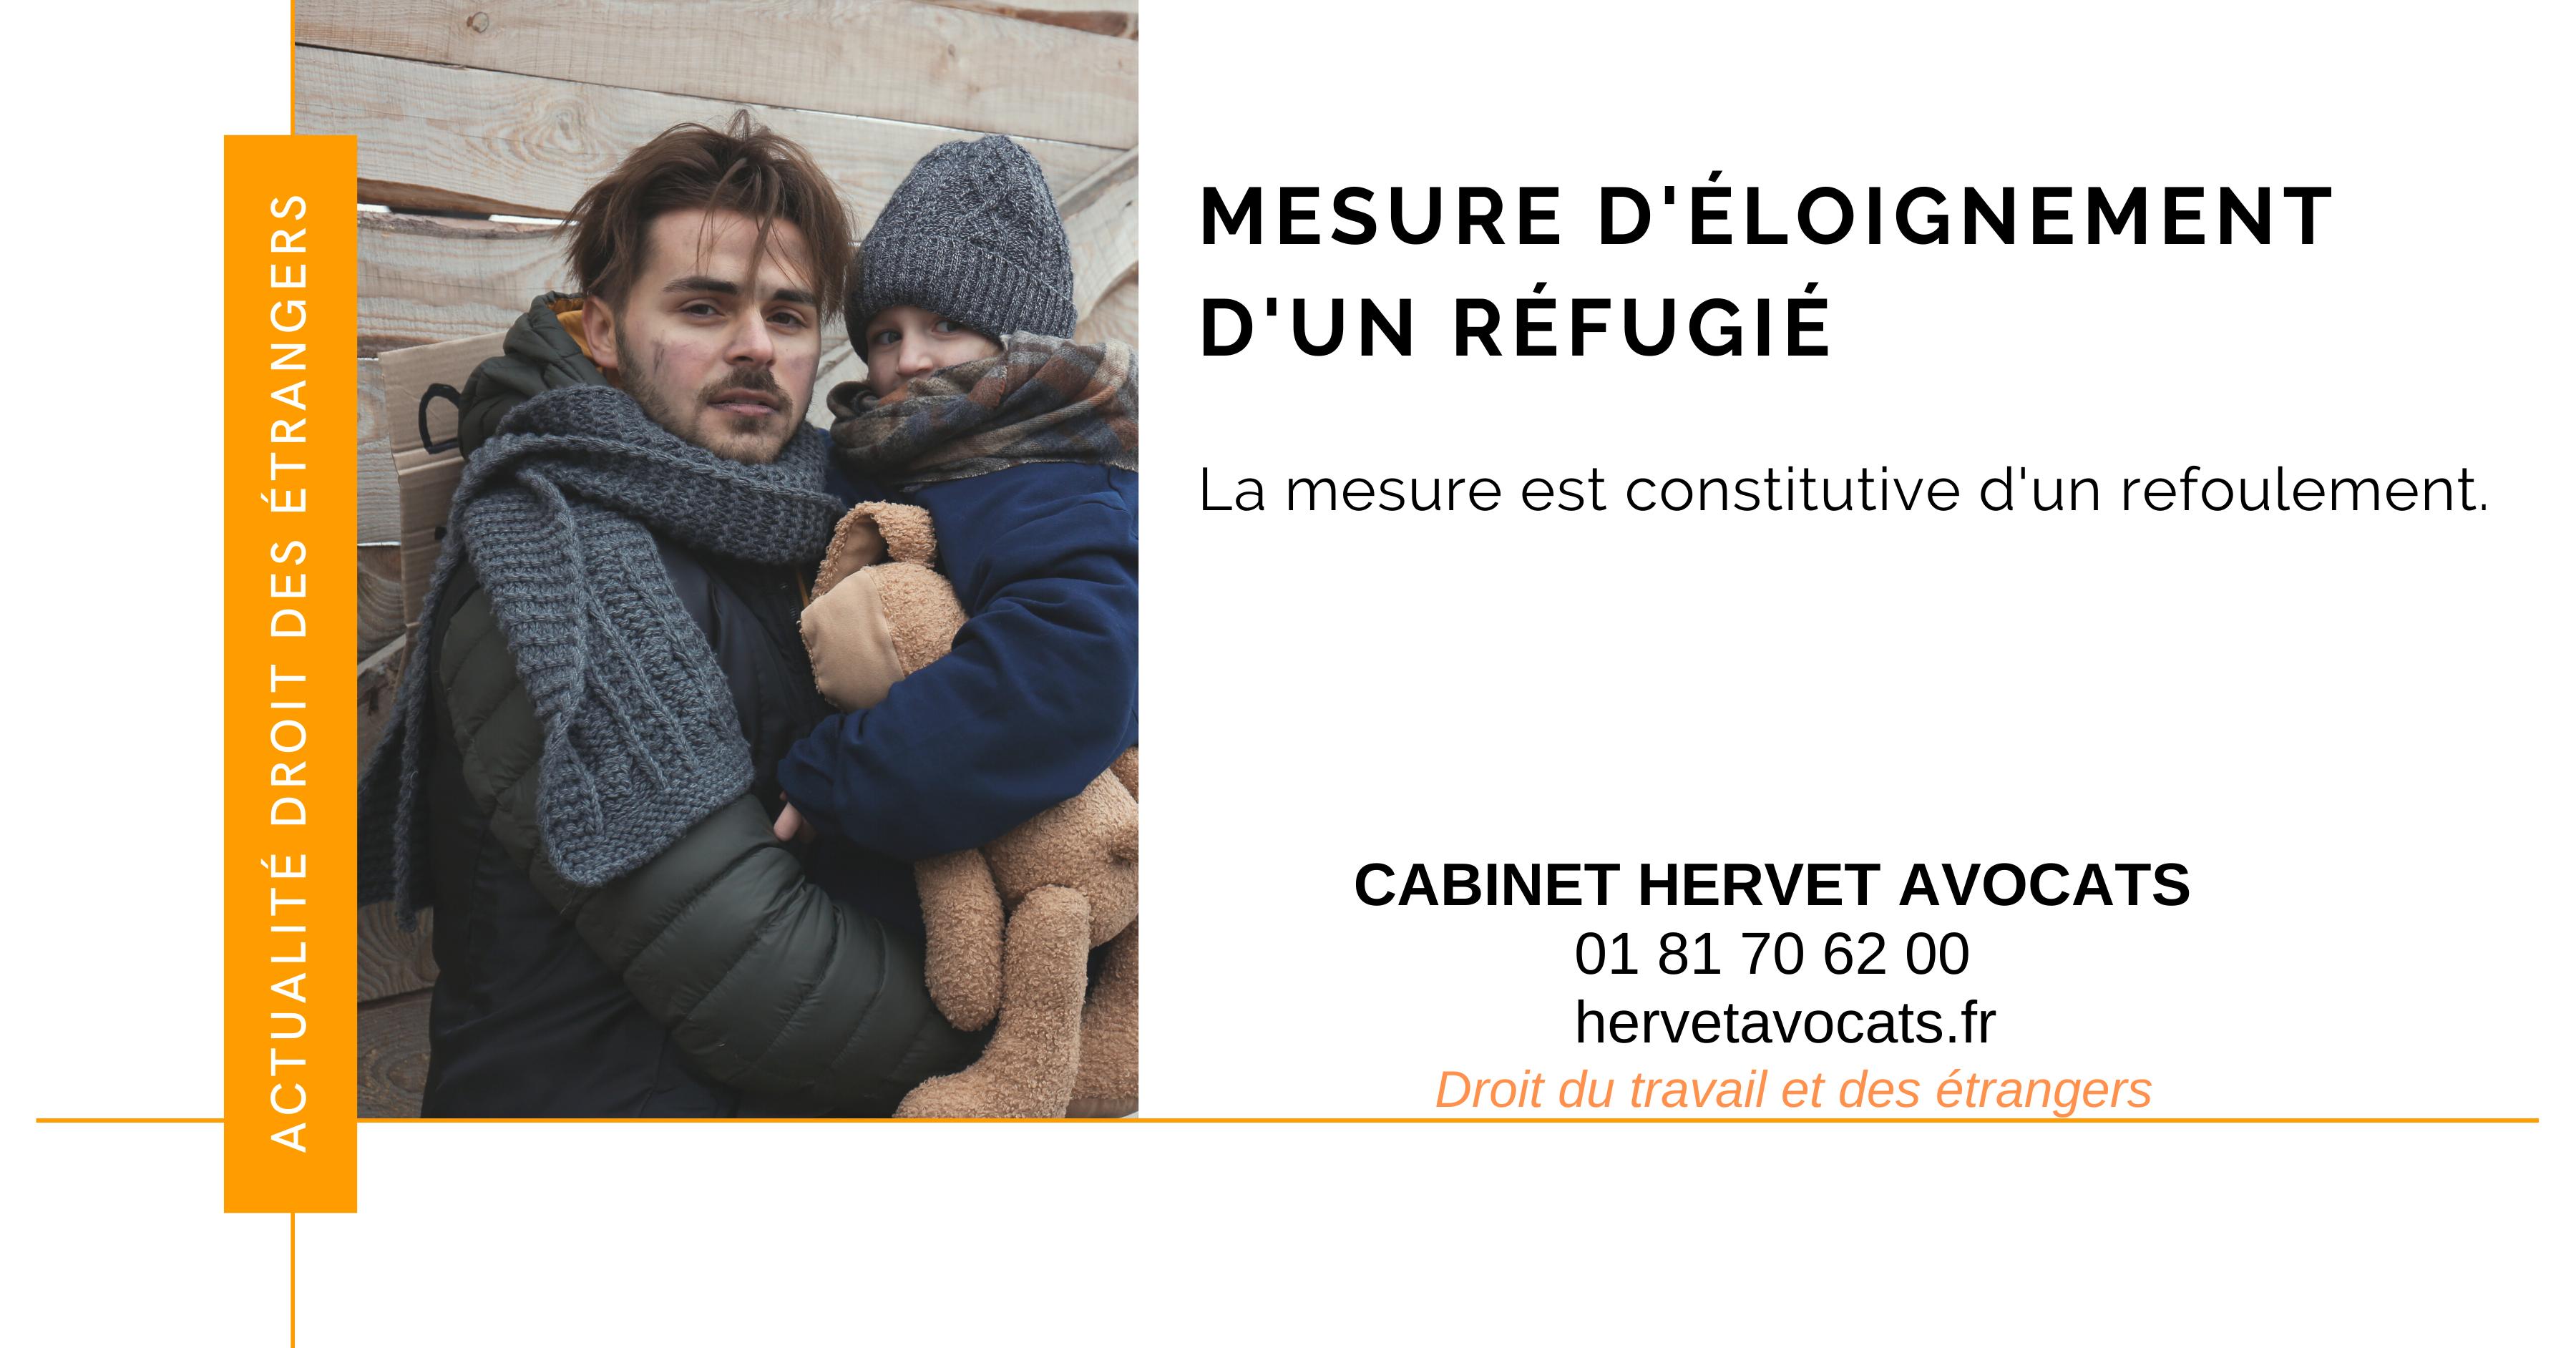 La mise en œuvre d'une mesure d'éloignement à l'encontre d'un étranger possédant la qualité de réfugié, serait constitutive d'un refoulement